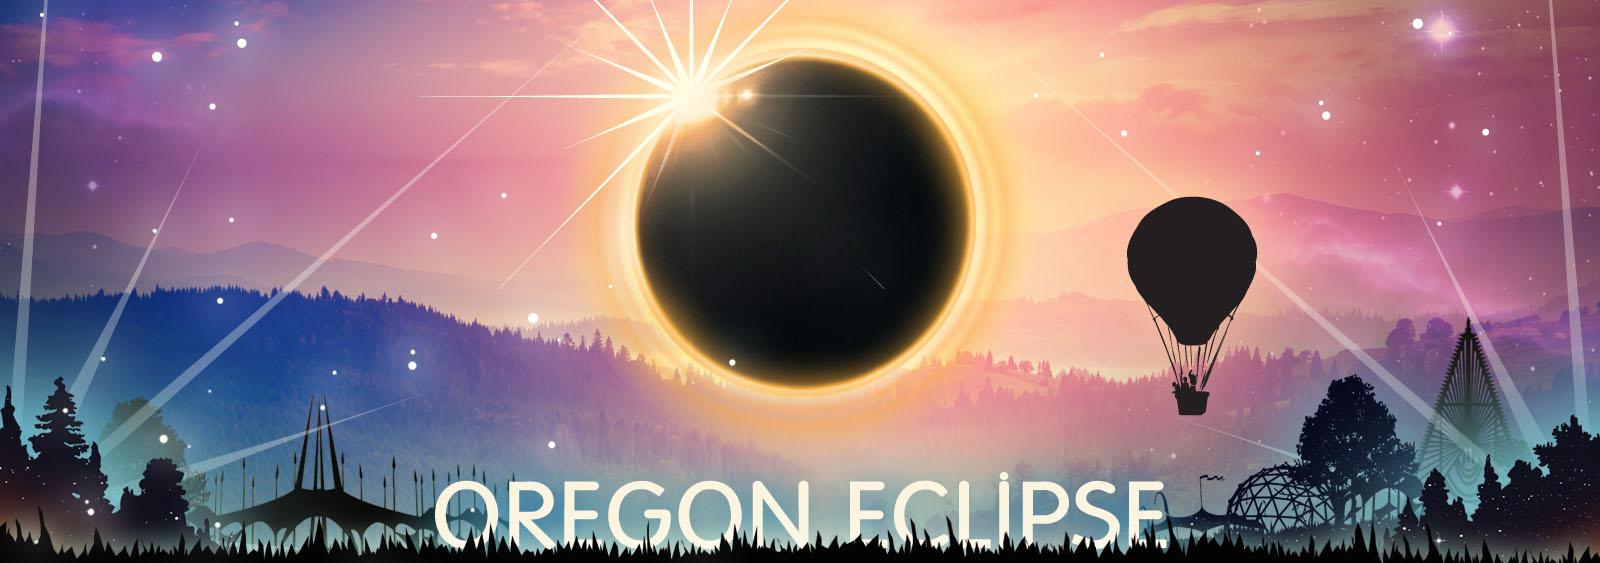 banner_OregonEclipse2017